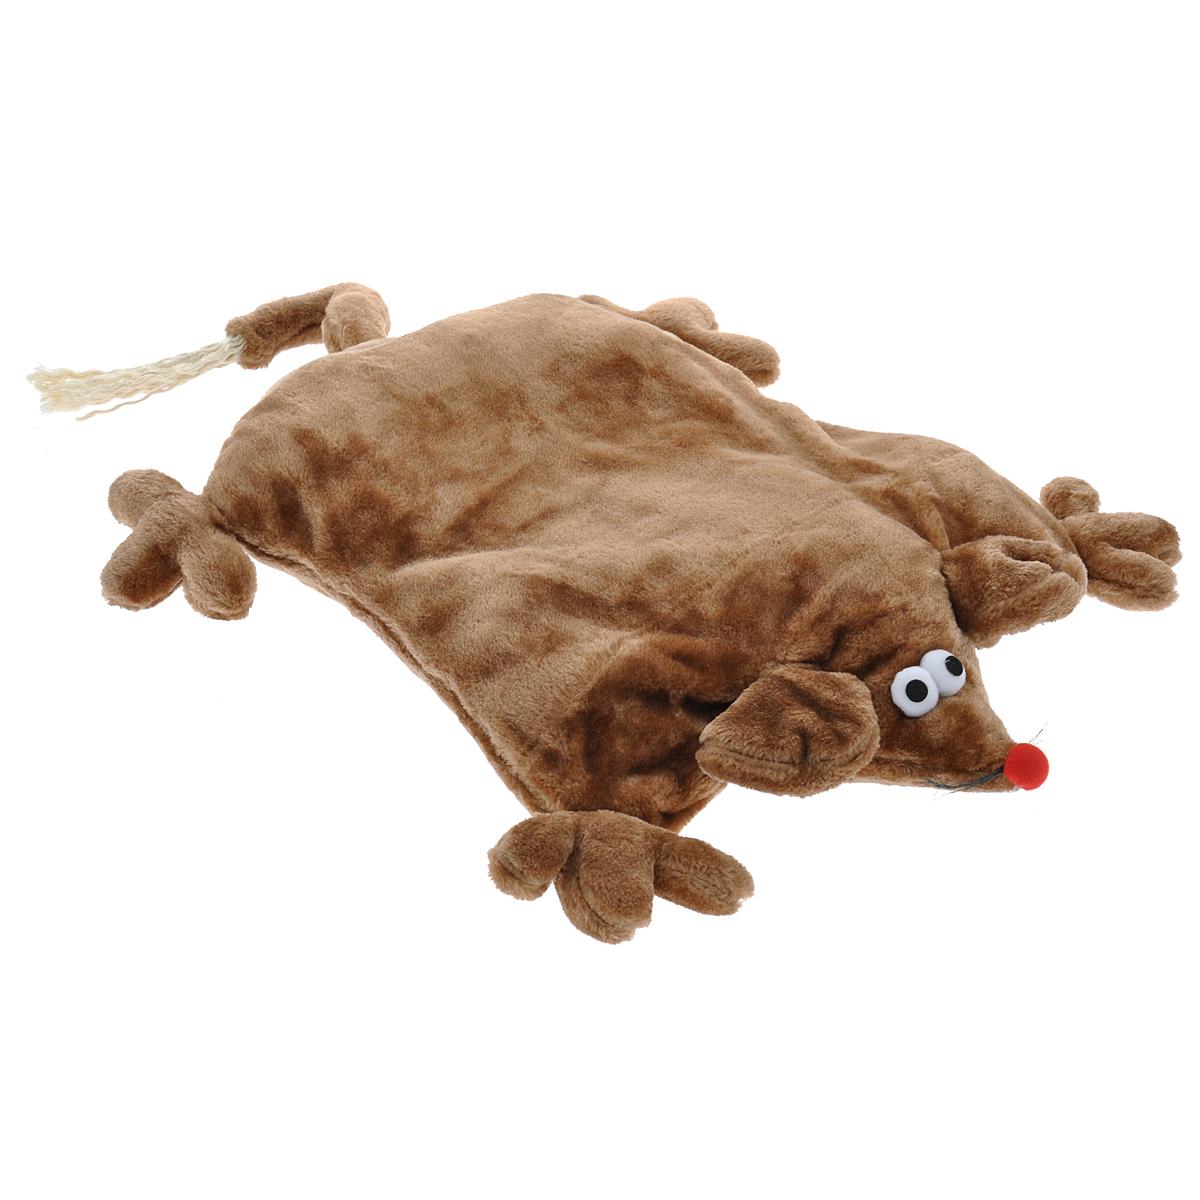 Лежанка для кошек I.P.T.S. Мышь, цвет: коричневый, 45 см х 59 см х 9 см16751/704780Лежанка I.P.T.S. Мышь станет излюбленным местом отдыха для вашего питомца, ведь уютное плюшевое спальное место по достоинству оценит даже самый привередливый кот. Лежанка имеет форму мыши и немного напоминает мягкую плоскую подушку. Ваш питомец сможет поиграть с длинным хвостиком или забавными усиками. Изделие будет одинаково хорошо смотреться как в гостиной, так и в другой комнате, поскольку вписывается в любой интерьер. Можно стирать в стиральной машине при 30°C. Размер лежанки: 45 см х 59 см х 9 см. Товар сертифицирован.